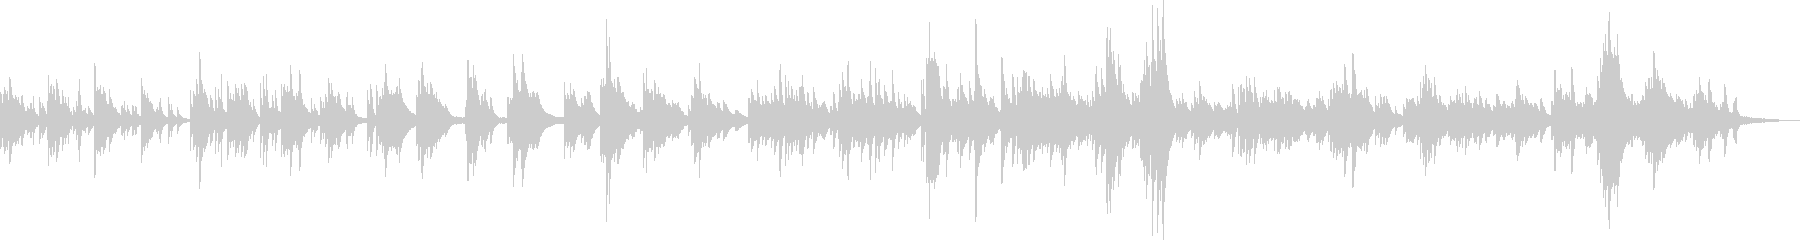 幻想的でかわいらしいピアノBGMの未再生の波形